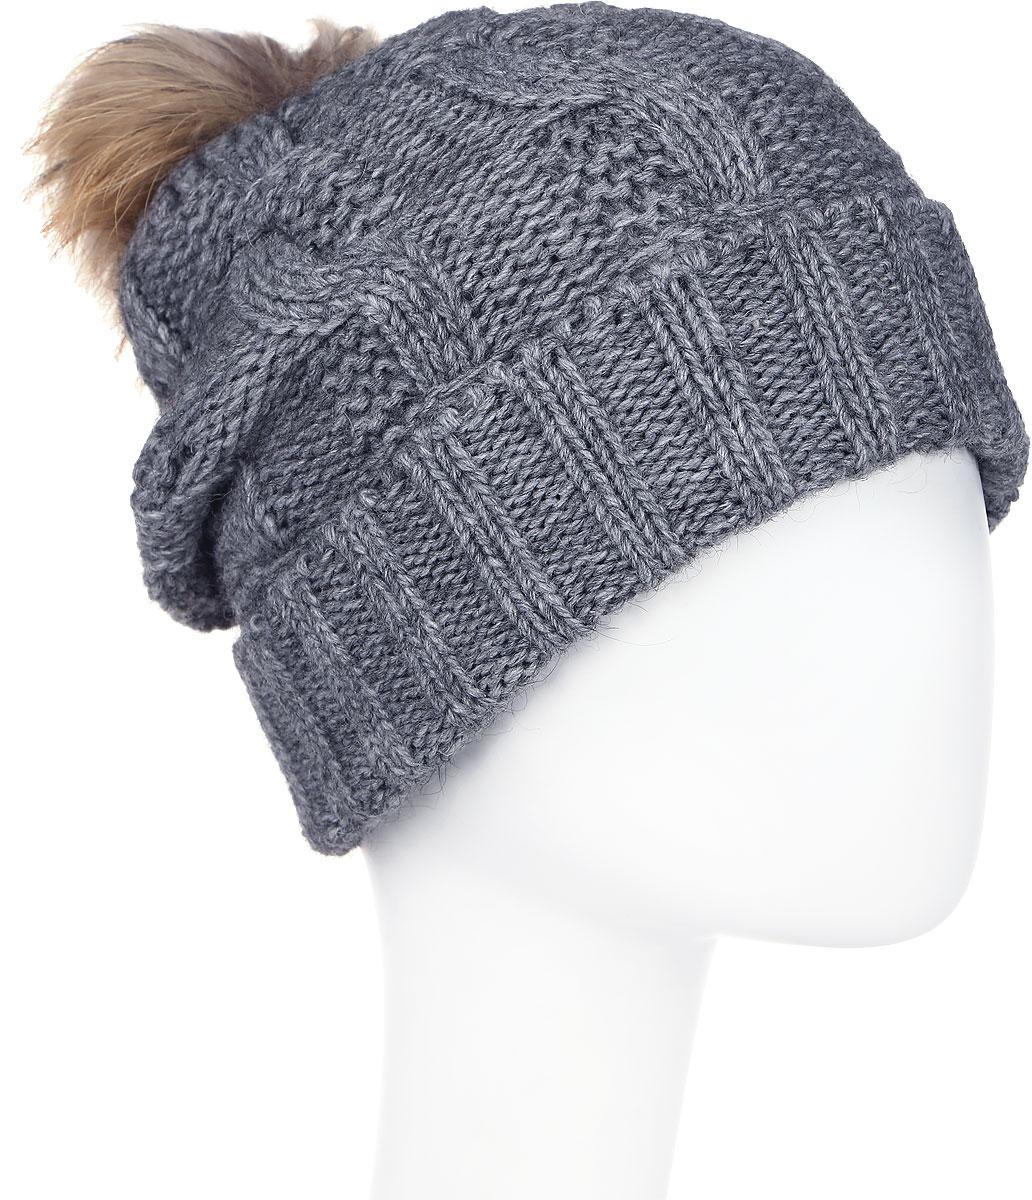 Шапка женская Paccia, цвет: серый. NR-21711-1. Размер 55/58NR-21711-1Стильная женская шапка-бини Paccia выполнена из акрила с добавлением шерсти. Модель дополнена меховым помпоном. Эта шапка не только согреет в холодную погоду, но и стильно дополнит ваш образ.